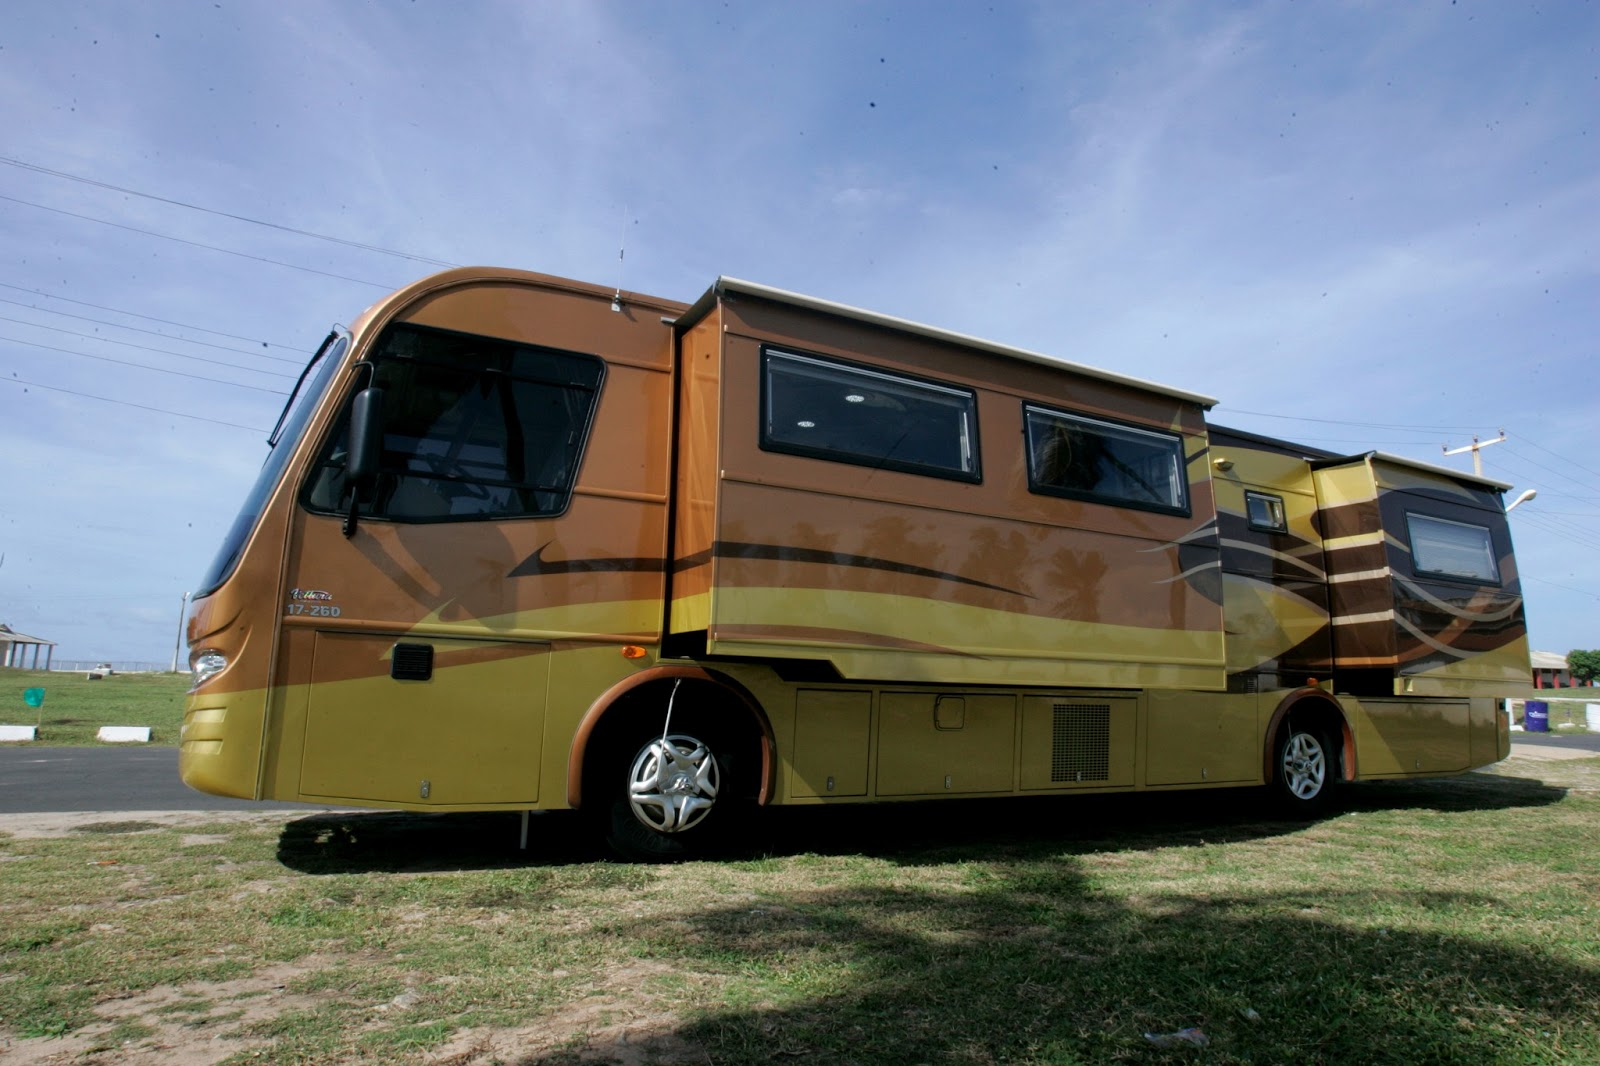 #996832 Fortalbus.com O dia a dia do nosso transporte: Motorhome: Ônibus  1600x1066 px Banheiro Onibus 2699